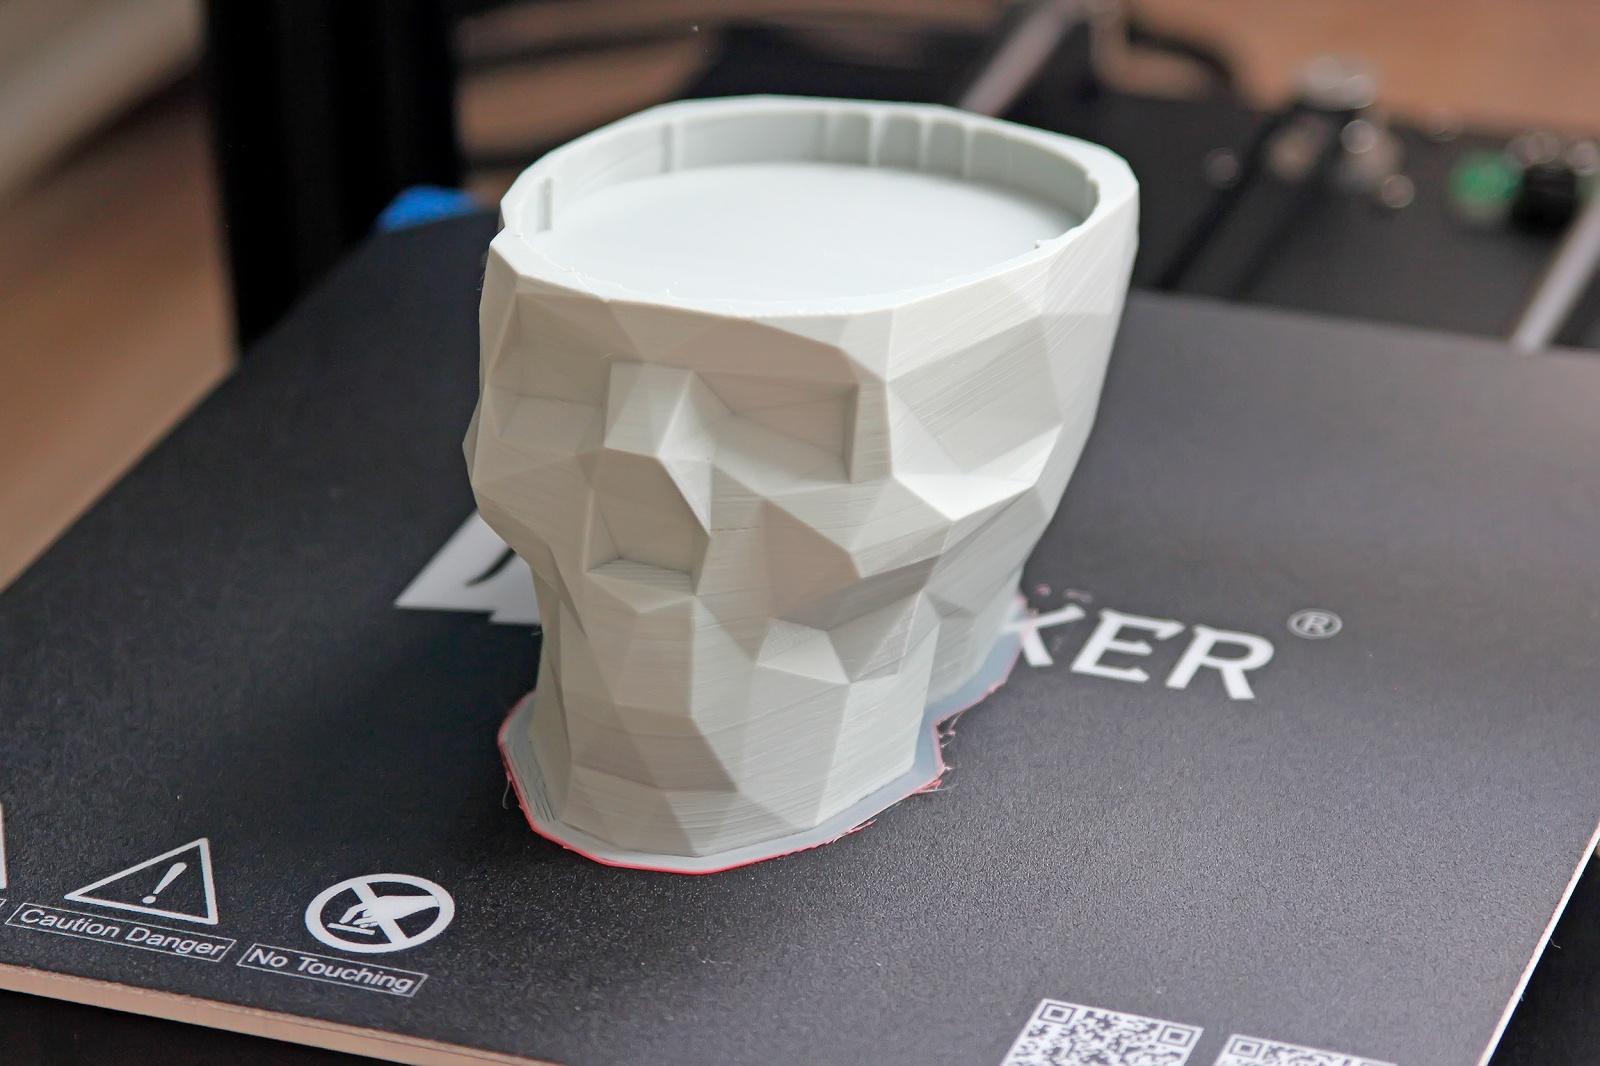 JG Maker — достойная альтернатива недорогим 3D-принтерам для начинающих - 44